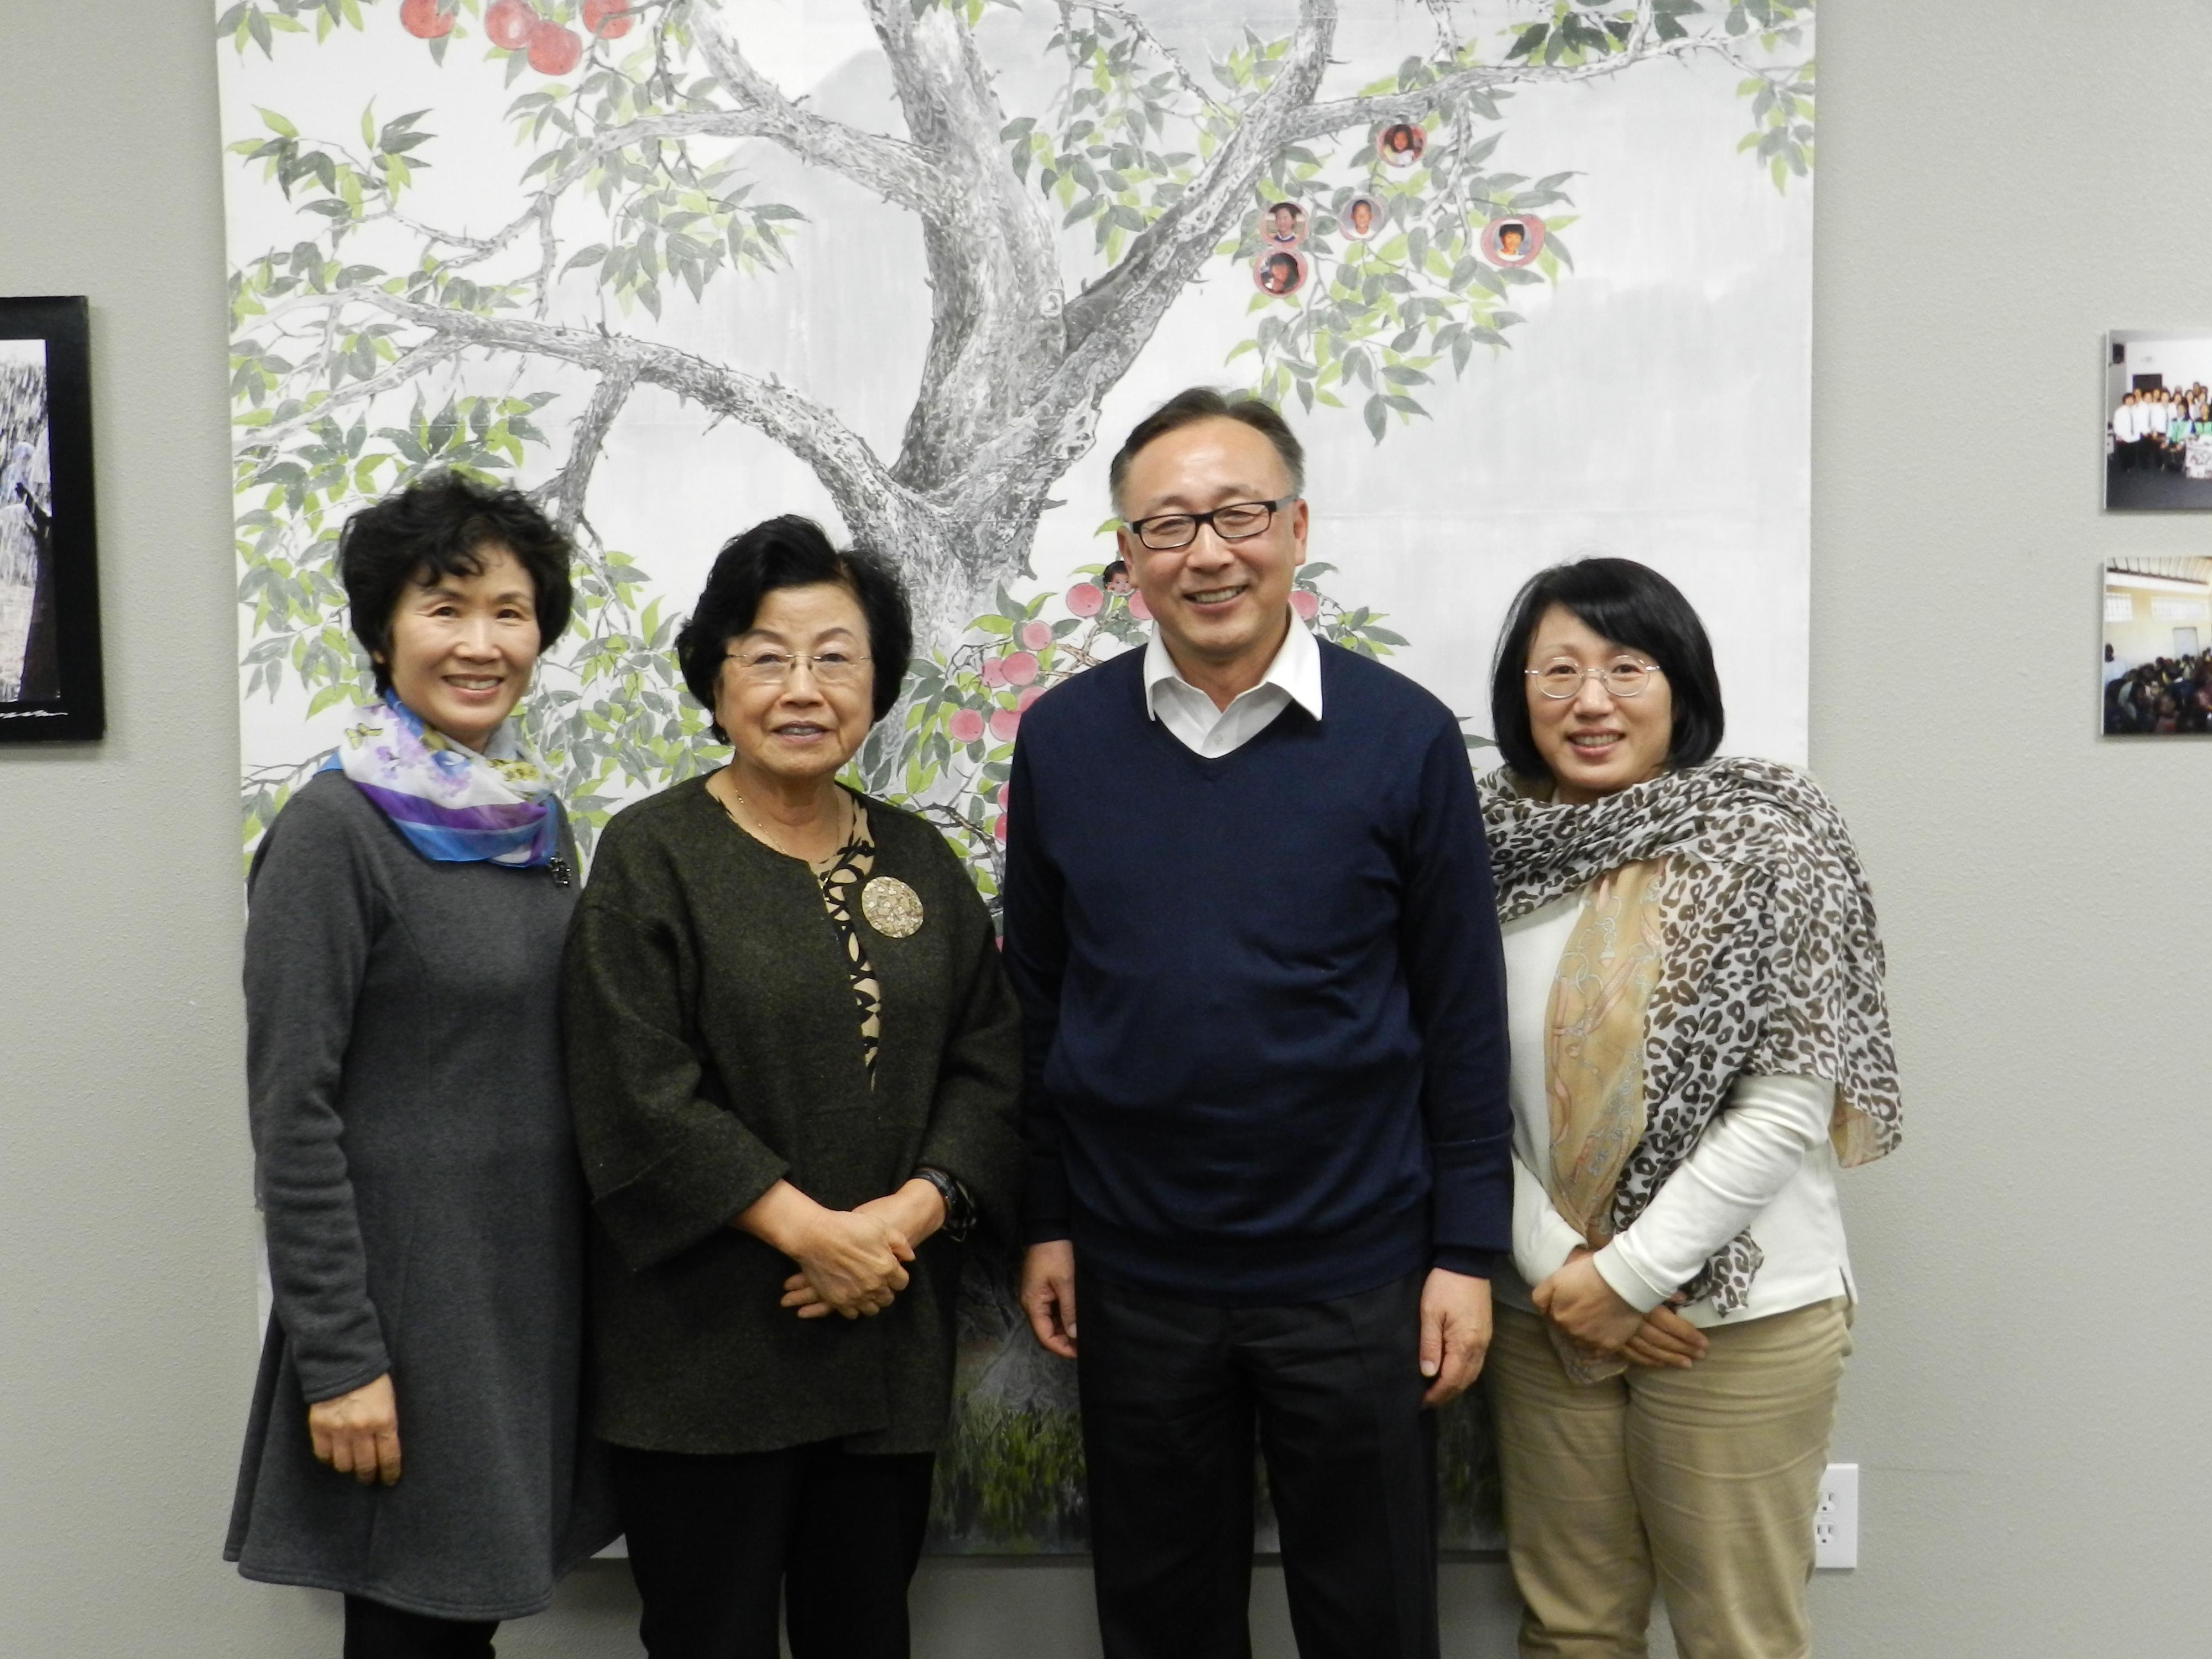 [방문] CTS 방송전문위원 이동진 목사님 방문